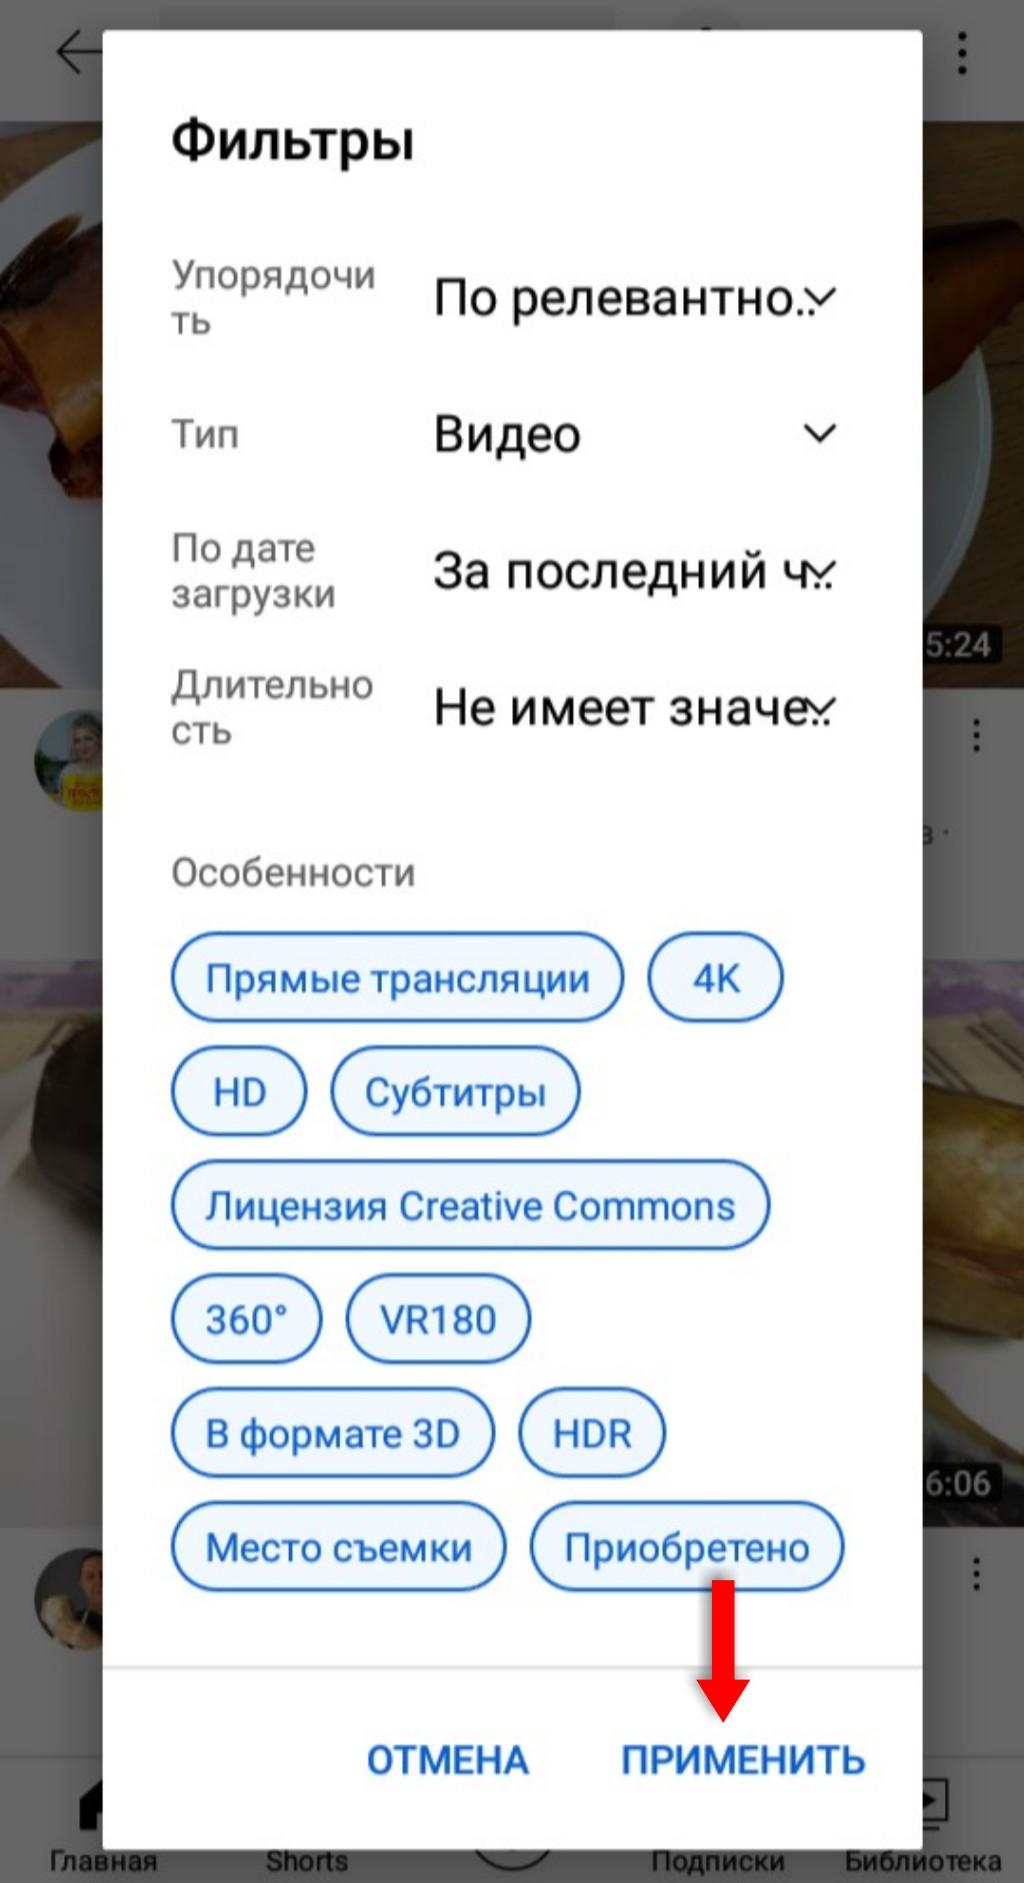 InFrame_1628010528491.jpg